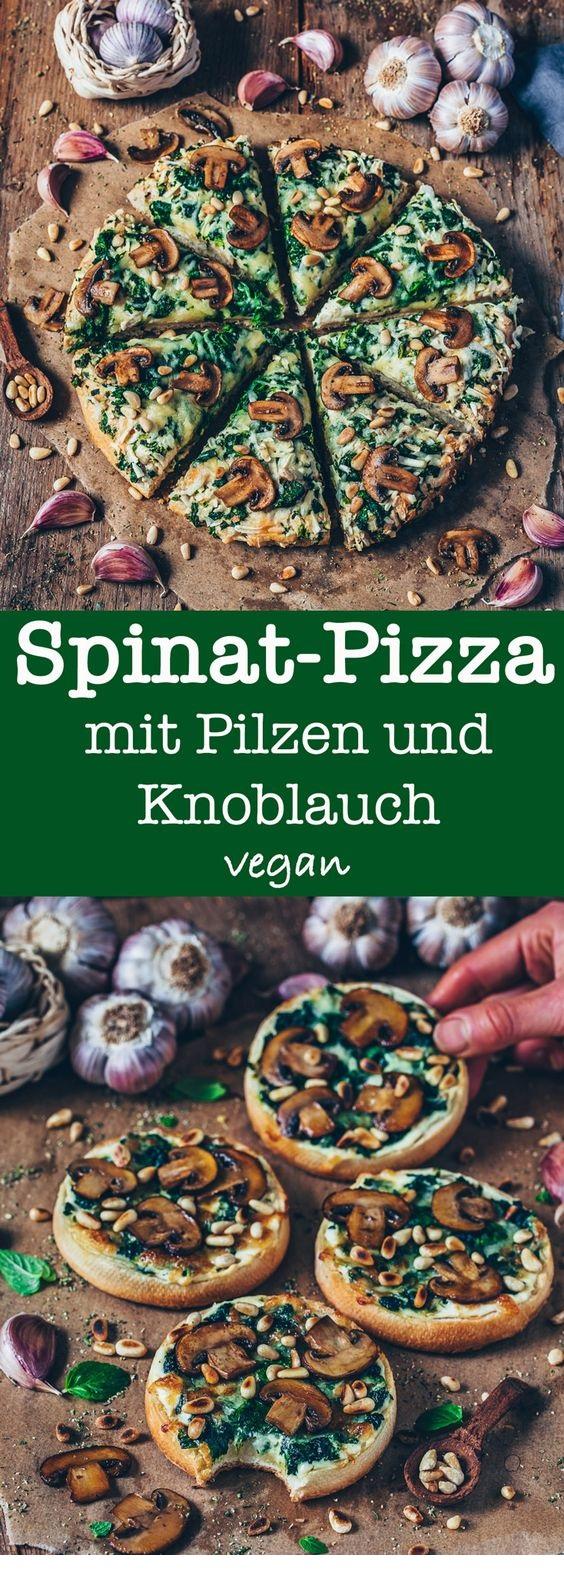 Spinat-Pizza mit Pilzen und Knoblauch